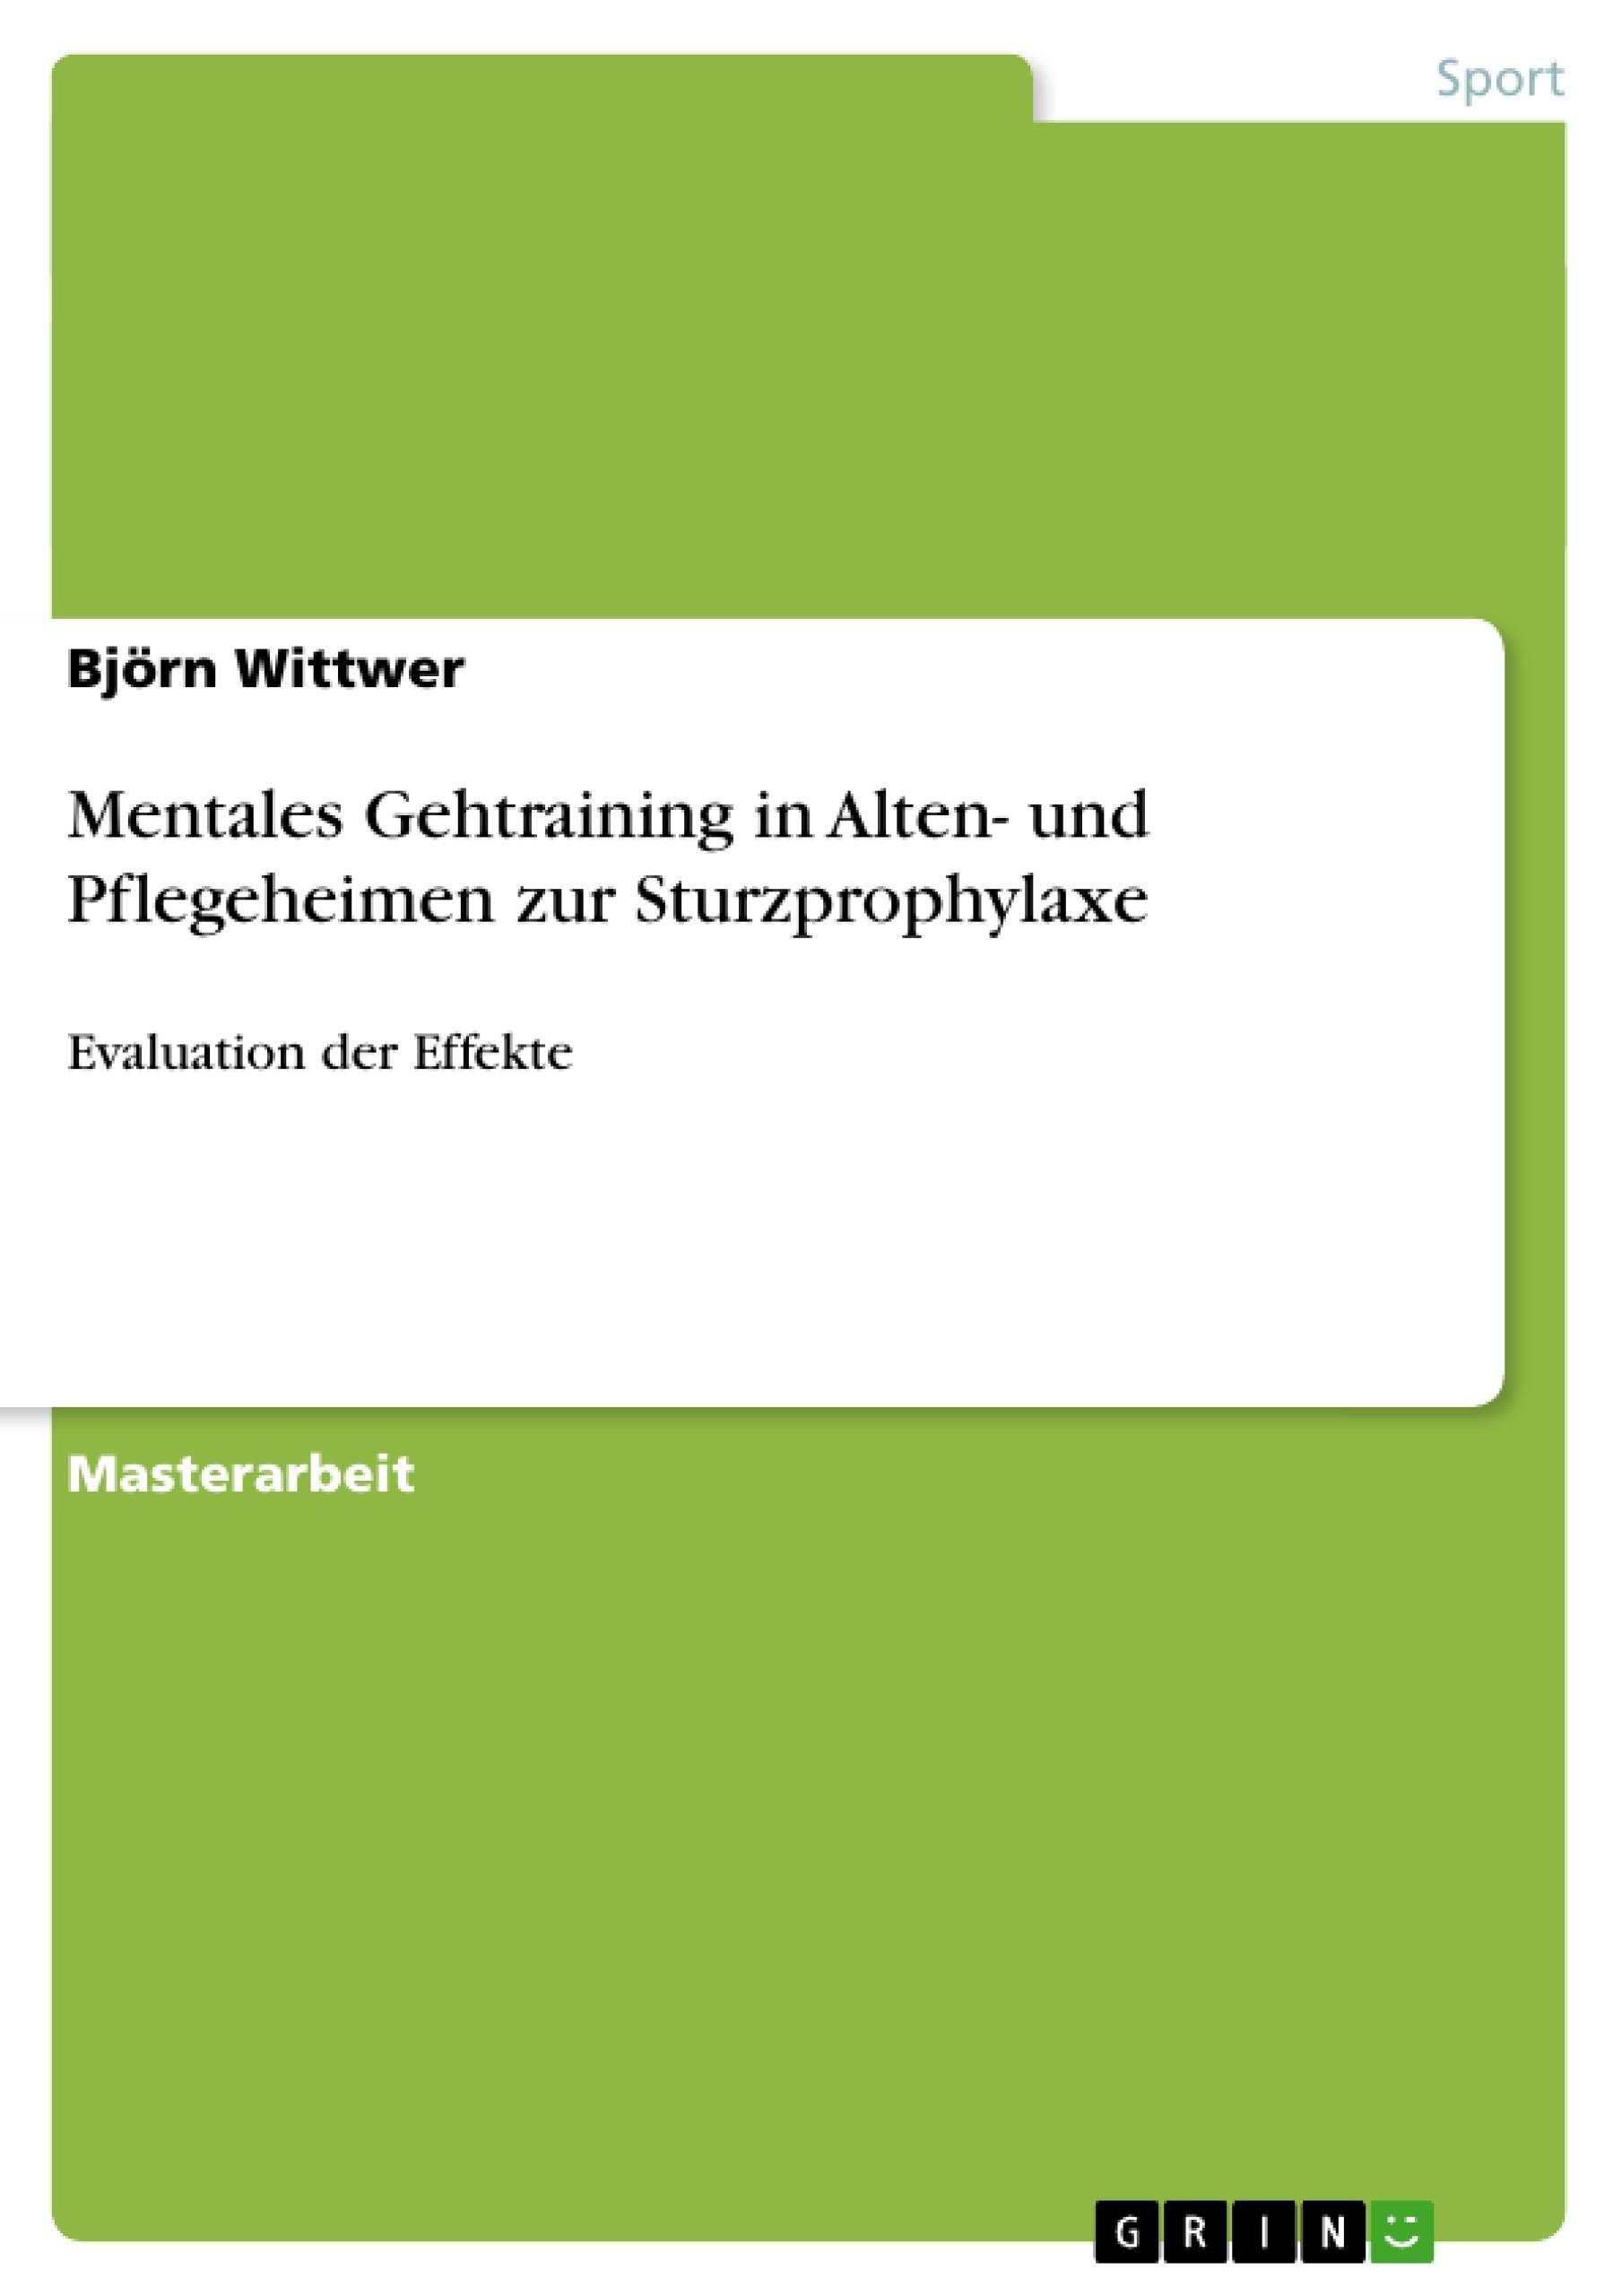 Titel: Mentales Gehtraining in Alten- und Pflegeheimen zur Sturzprophylaxe